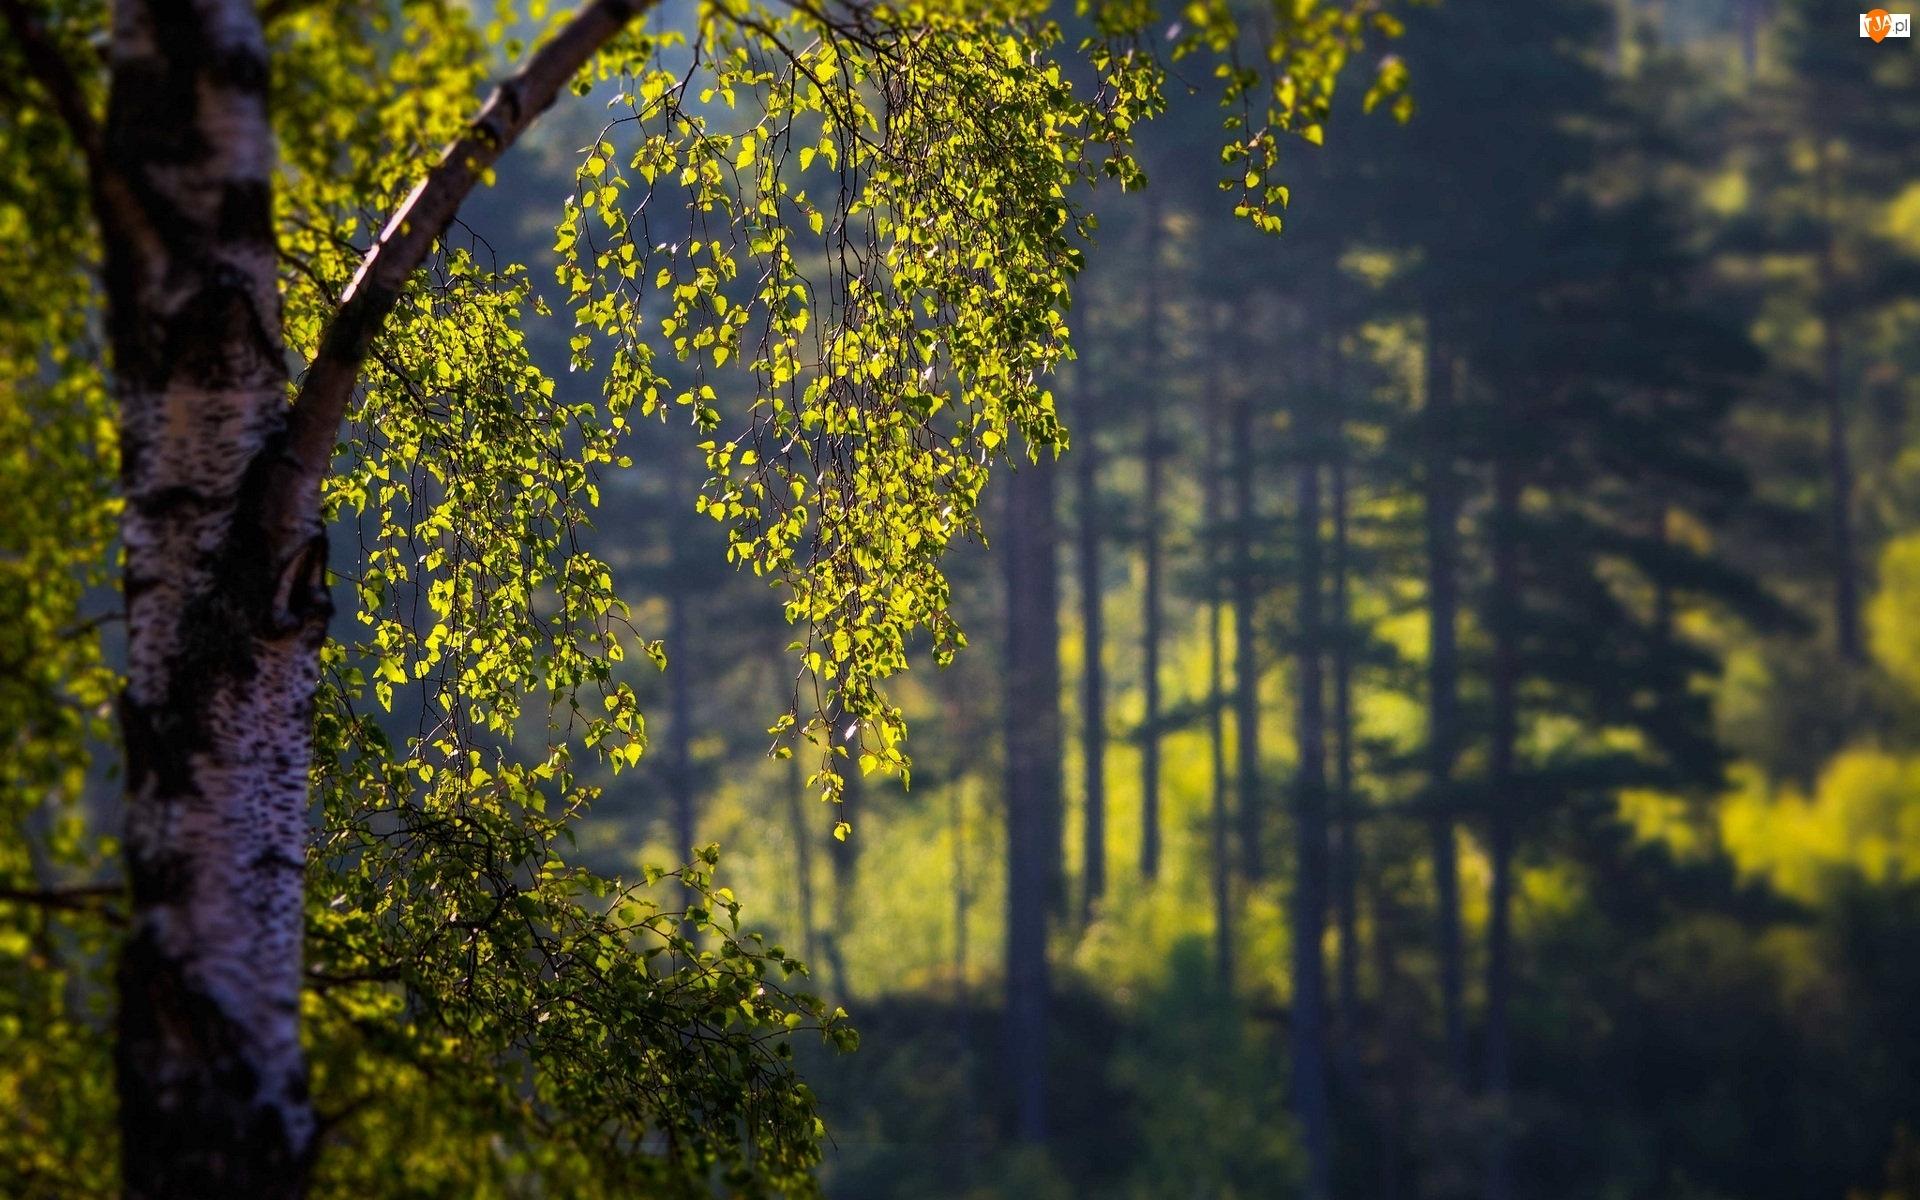 Las, Światło, Drzewo, Brzoza